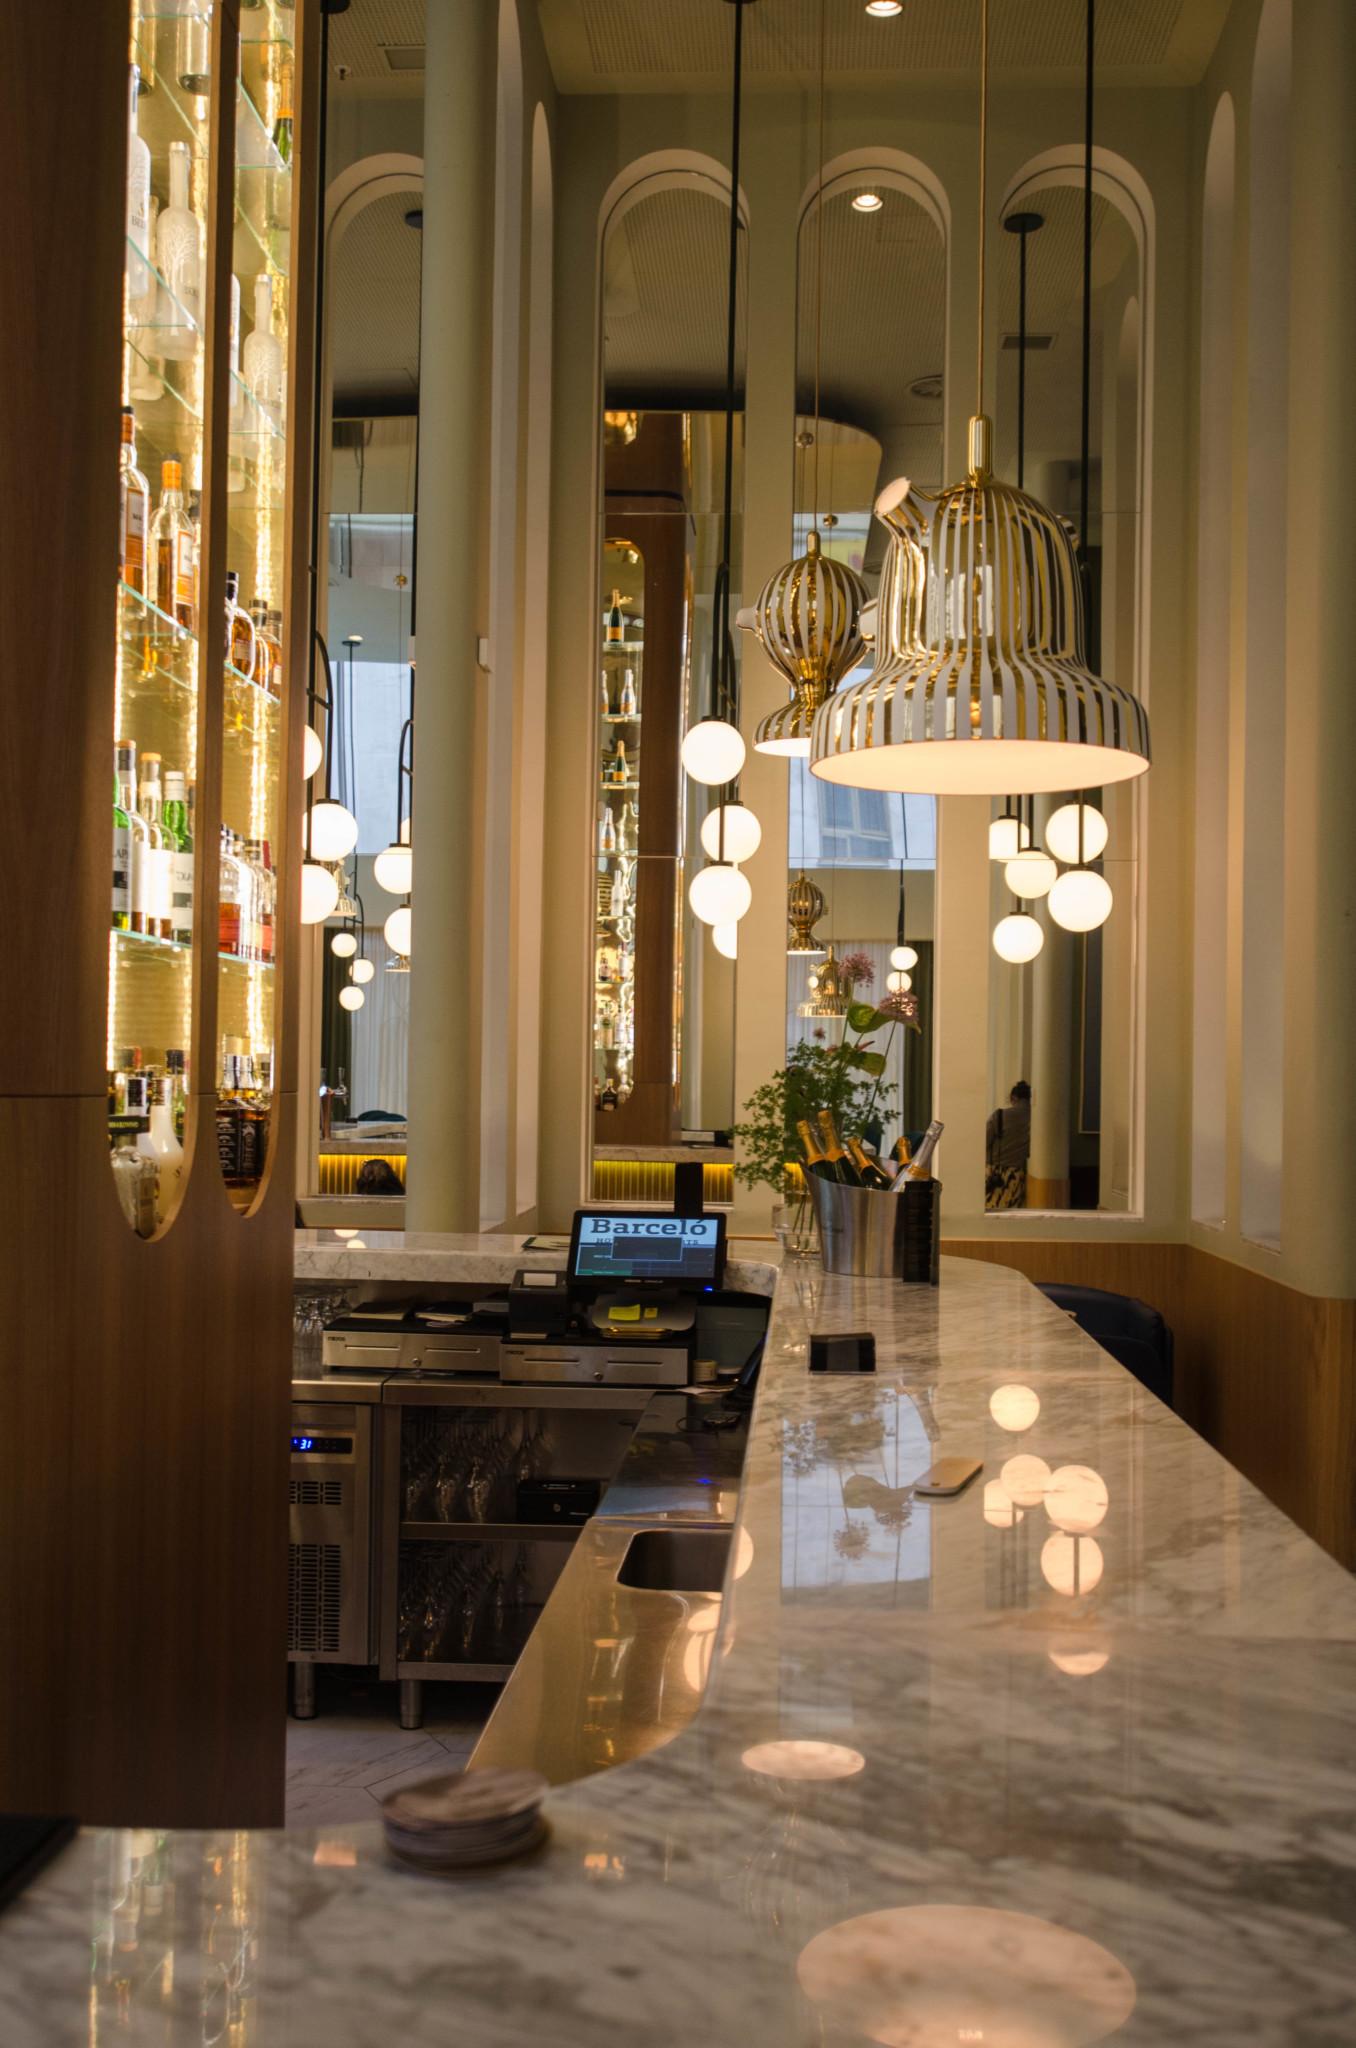 Tresen Barcelo Hotel Madrid